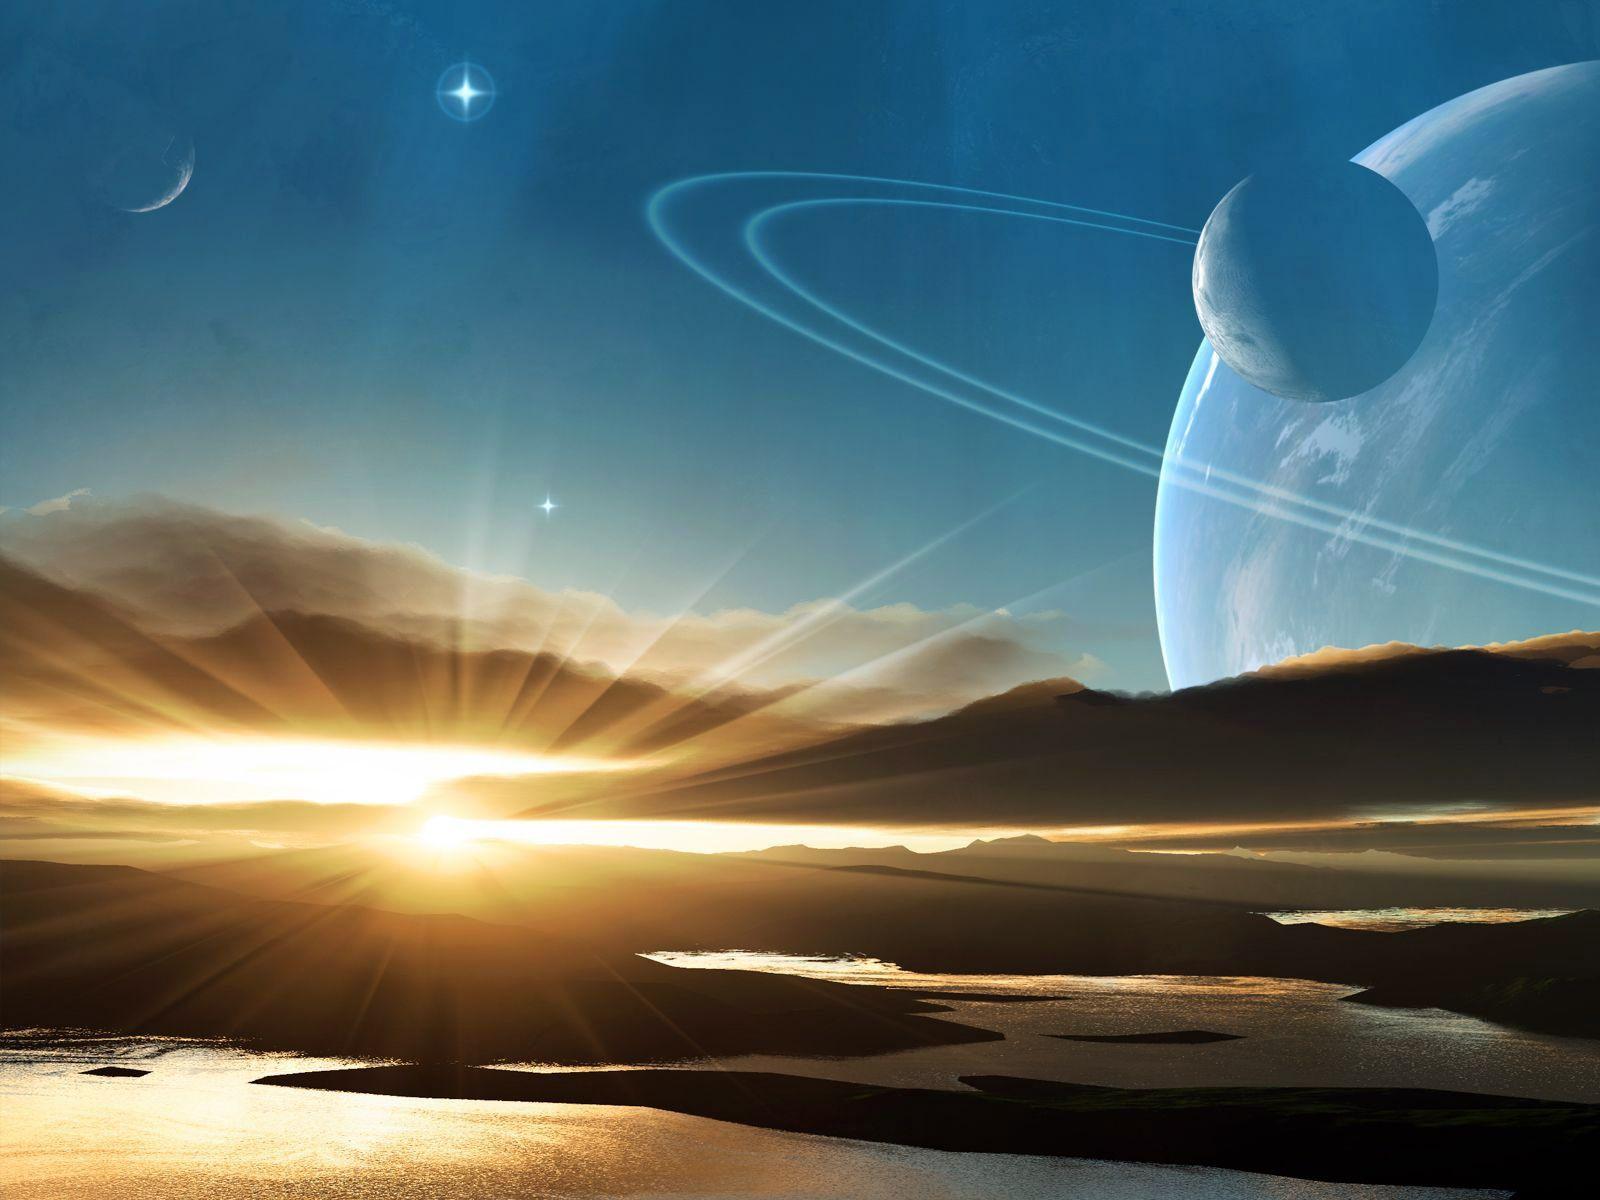 Amanecer de Planetas-478952.jpeg (1600×1200)